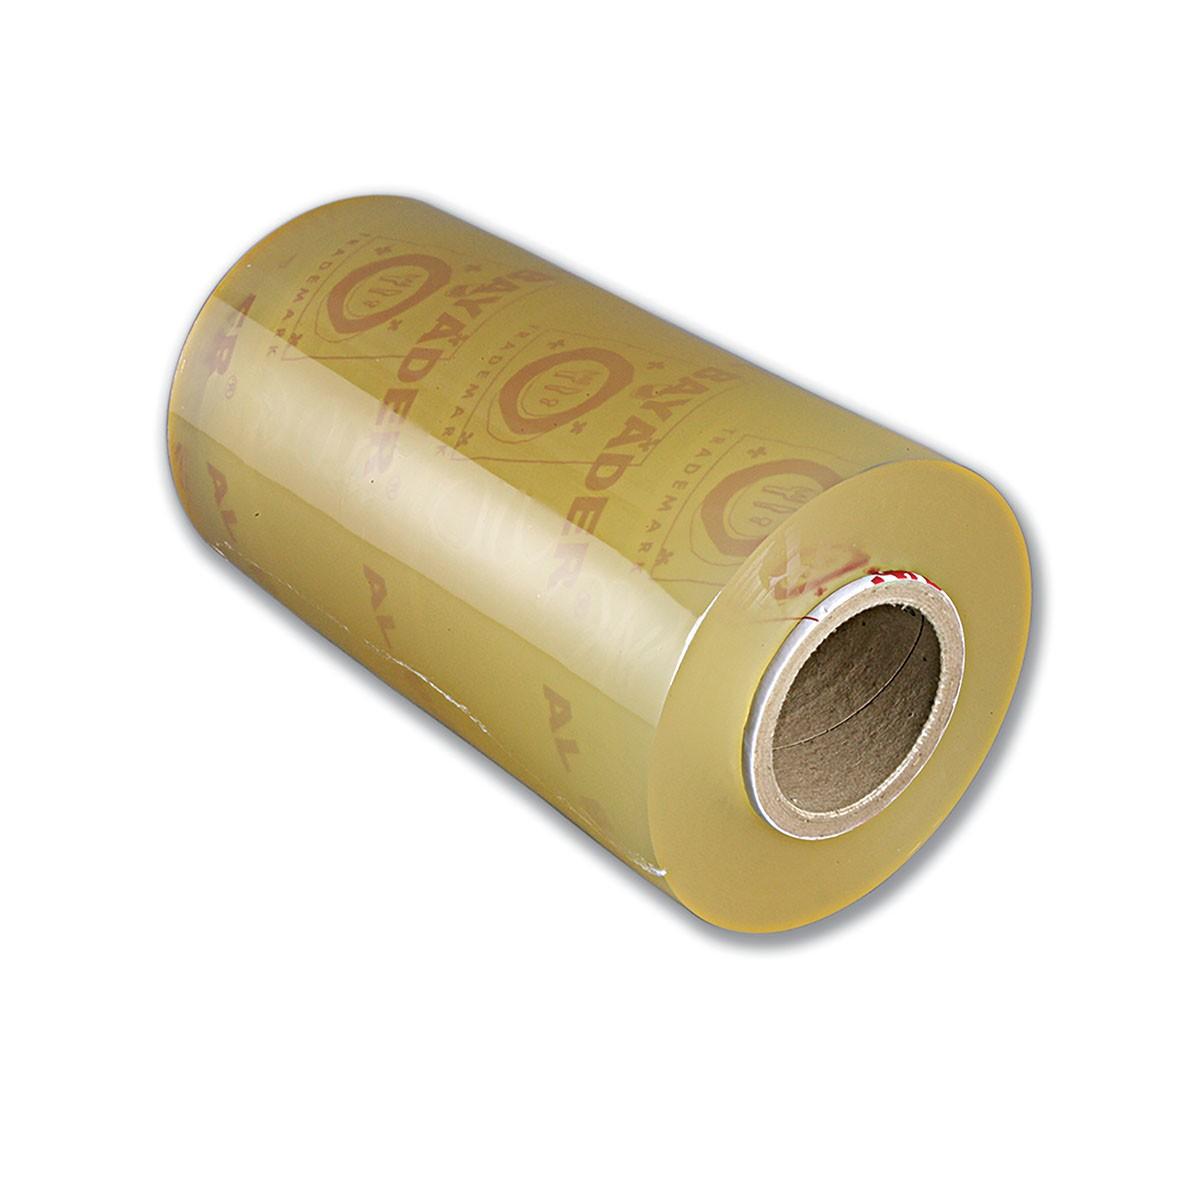 PVC Cling Film 35cmx1500m - 11mic. | 1rl